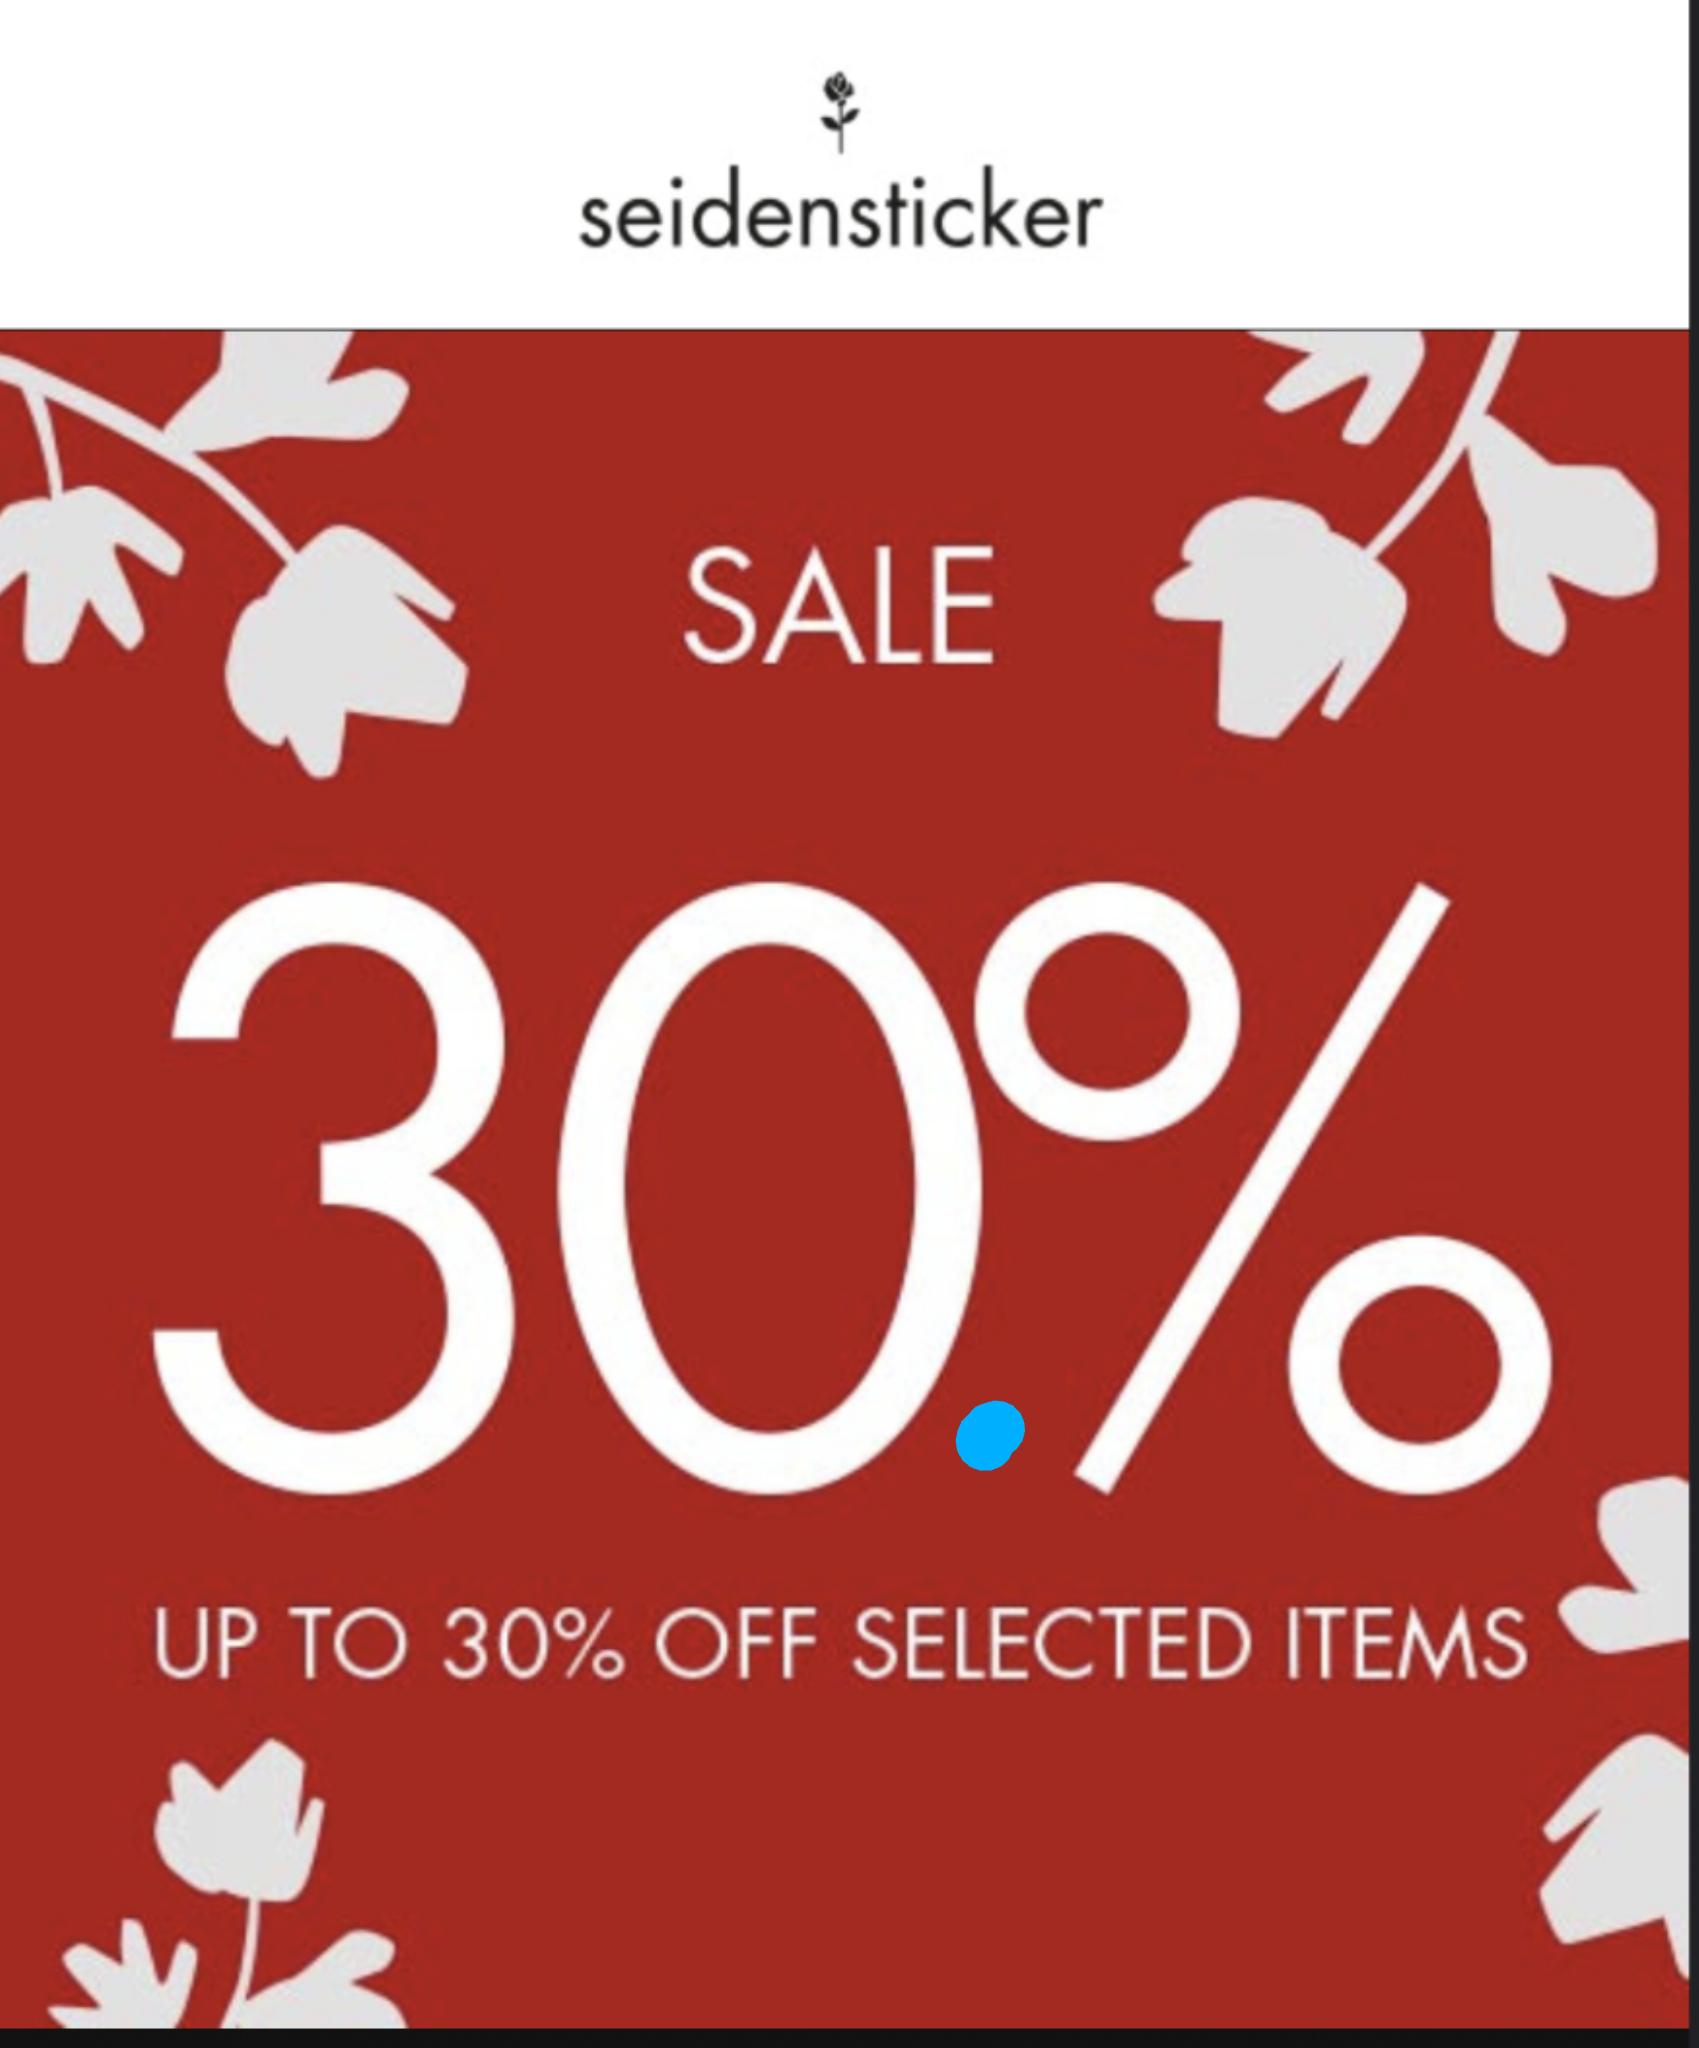 Seidensticker Sale - 30%